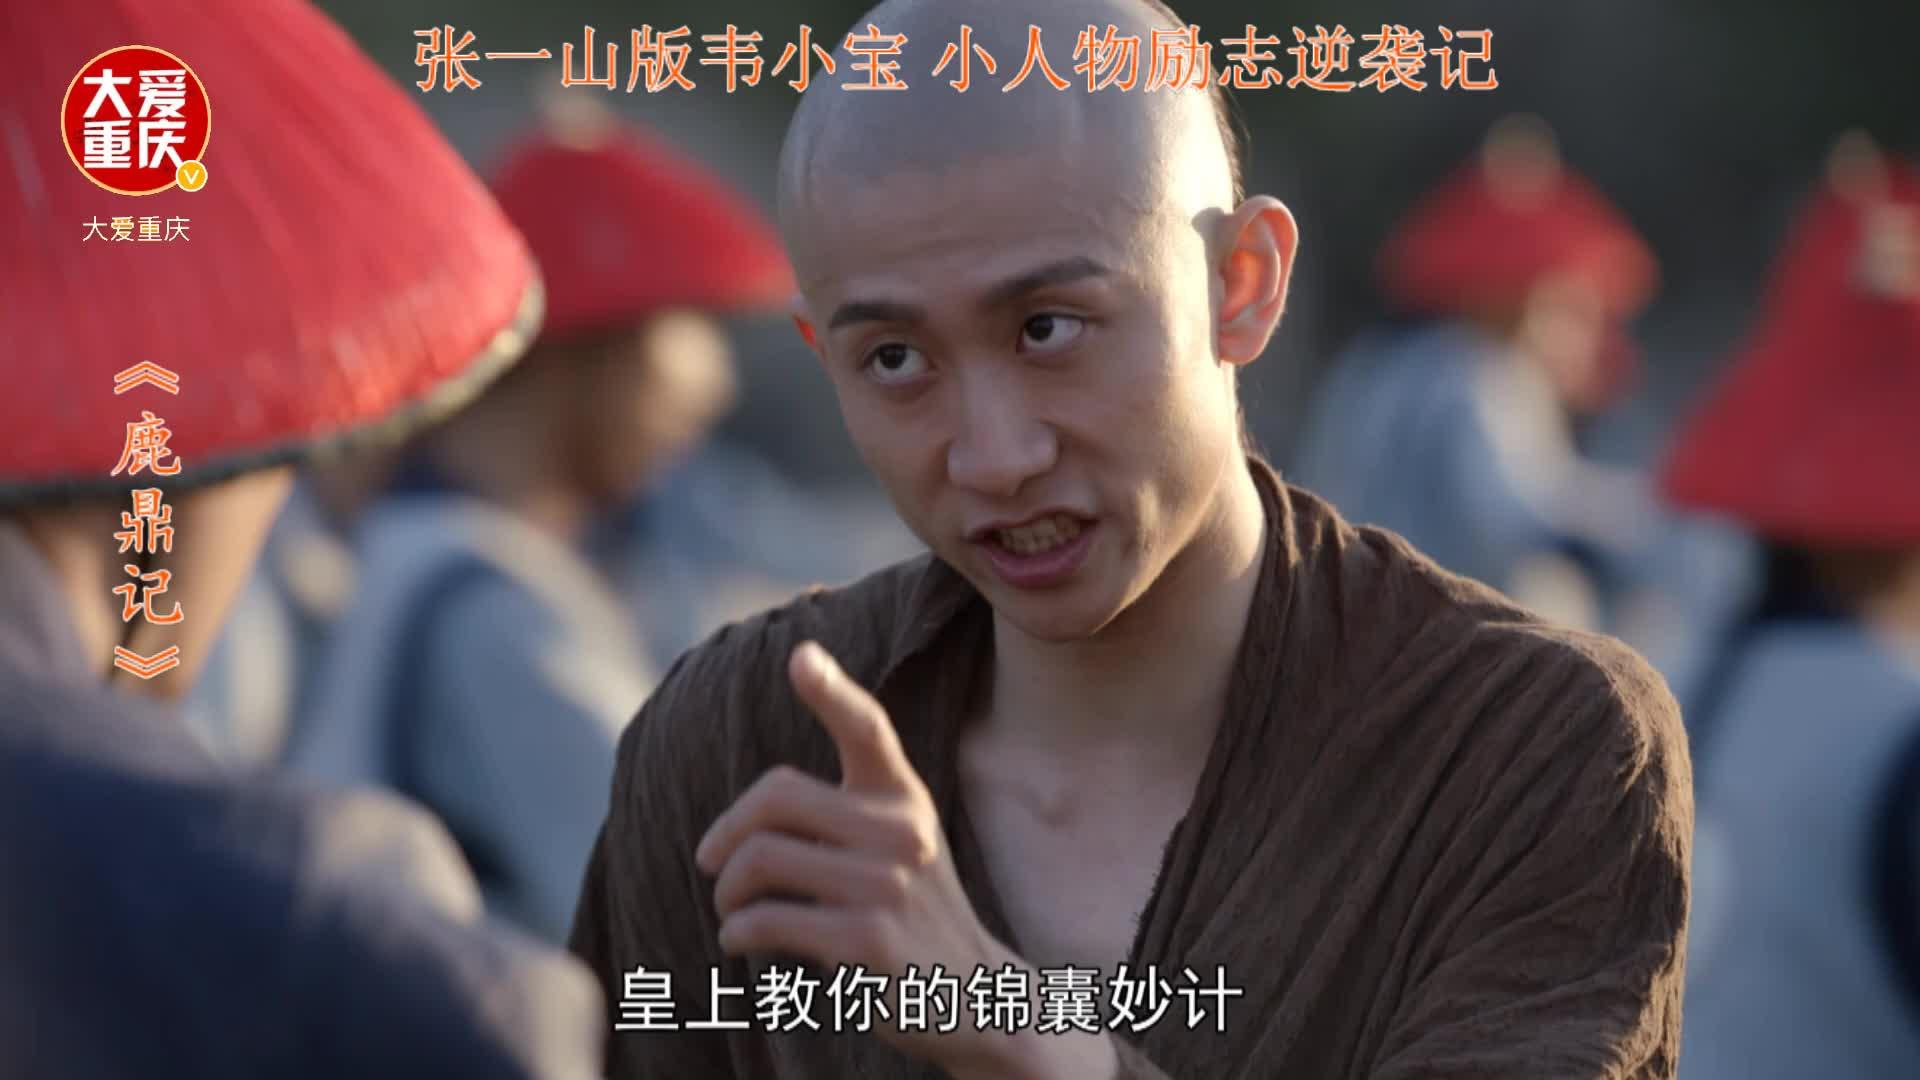 张一山 新鹿鼎记 影视剧情剪辑 第 (30)